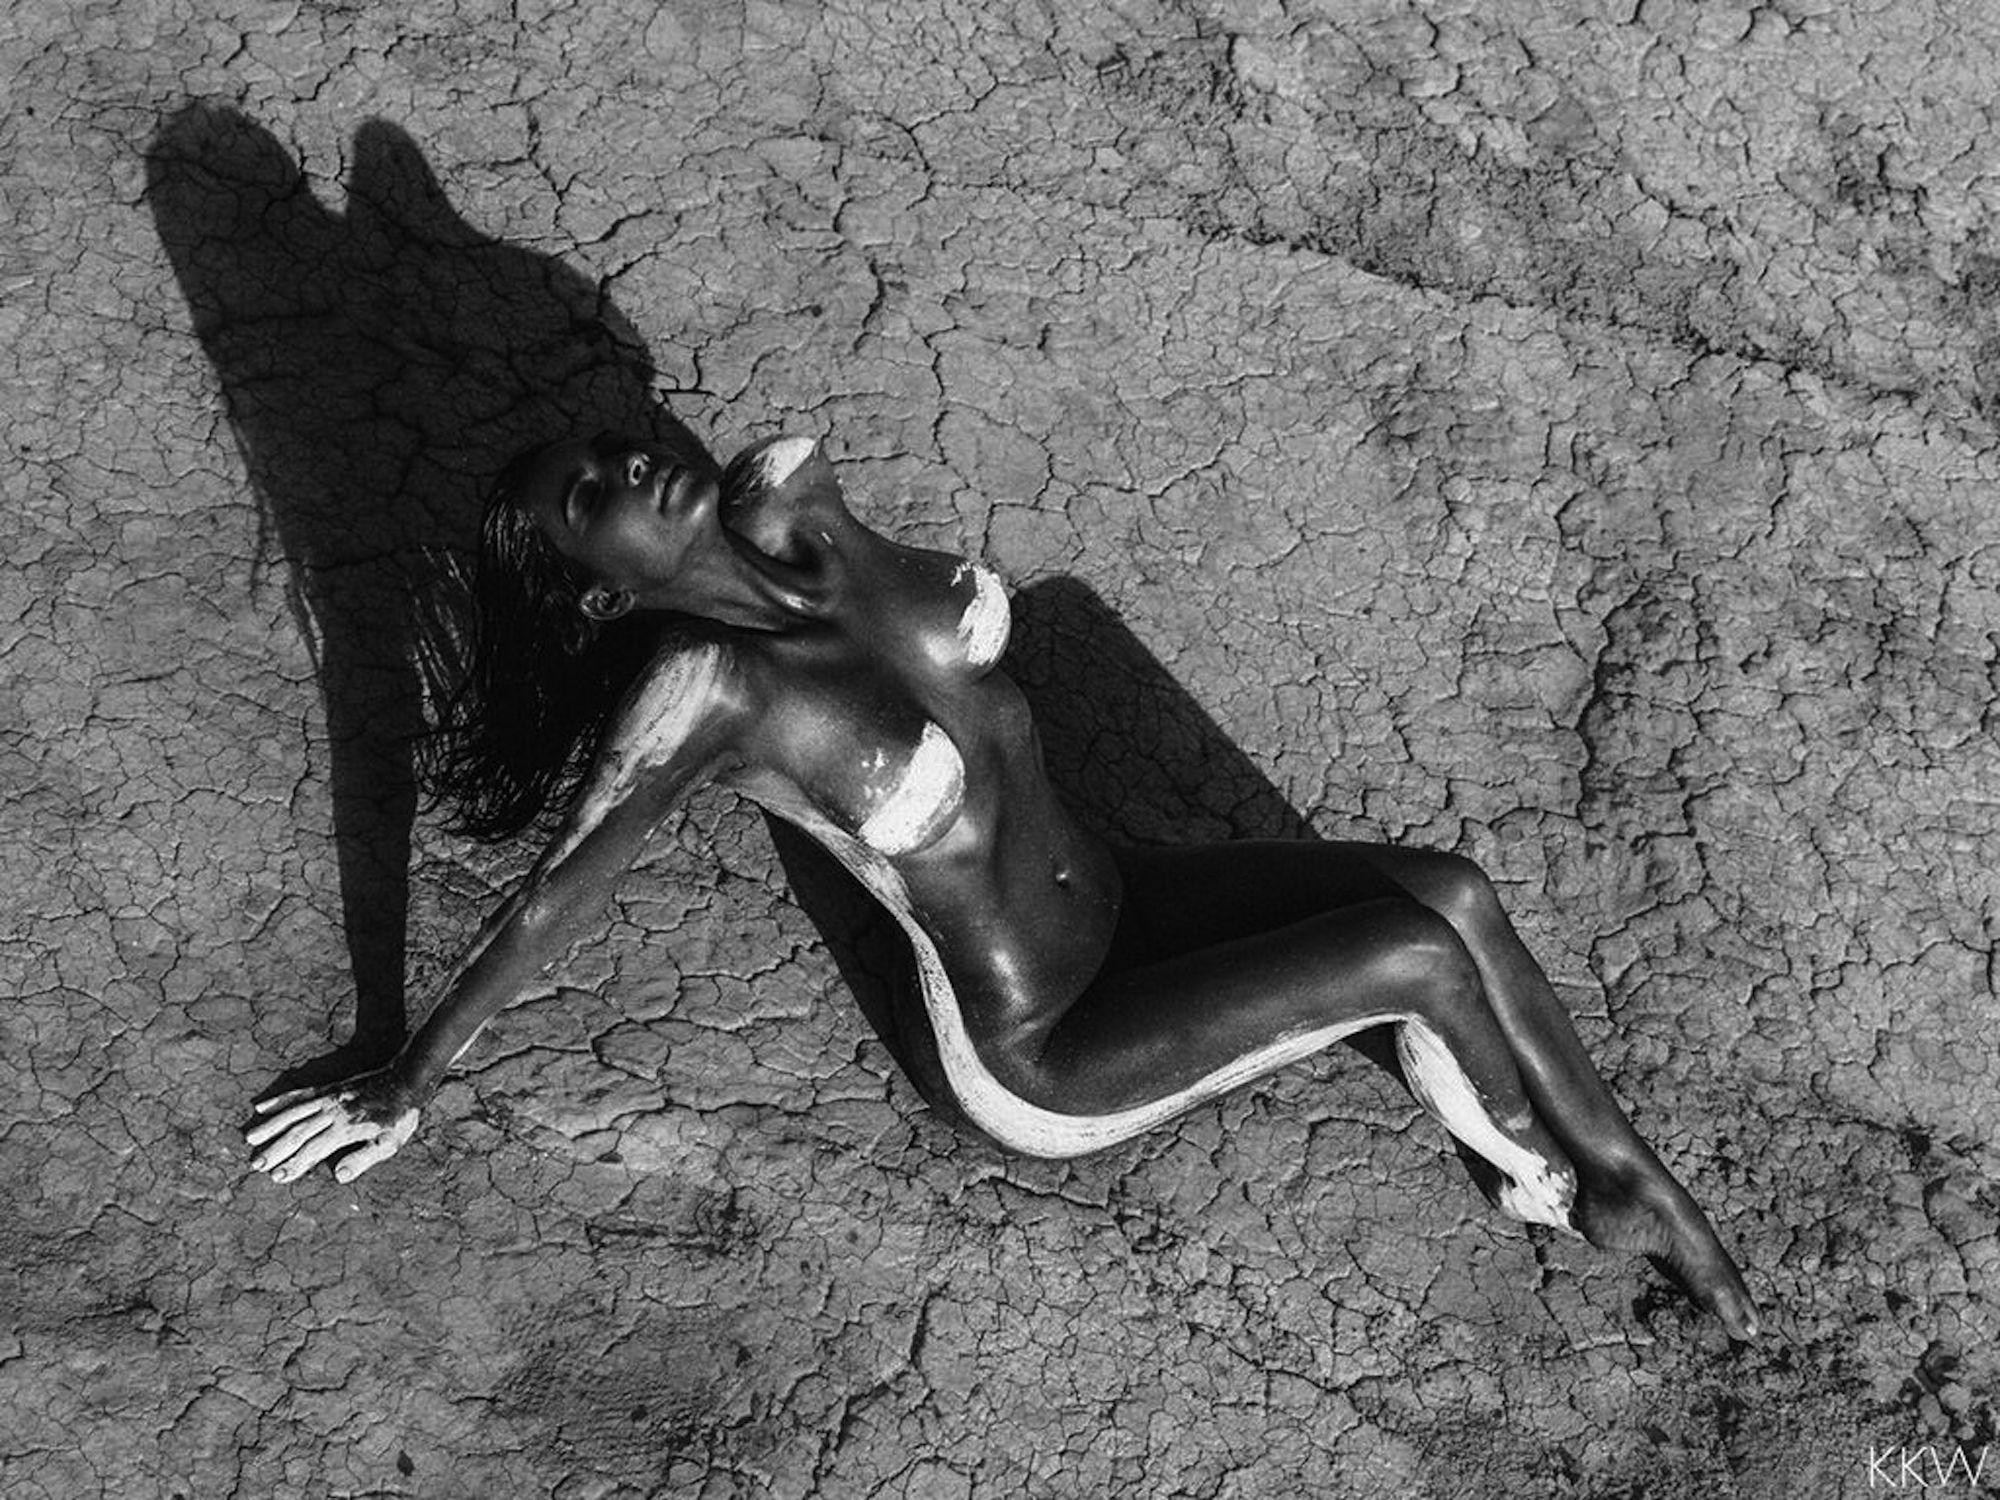 Nude photo shoot photos 36